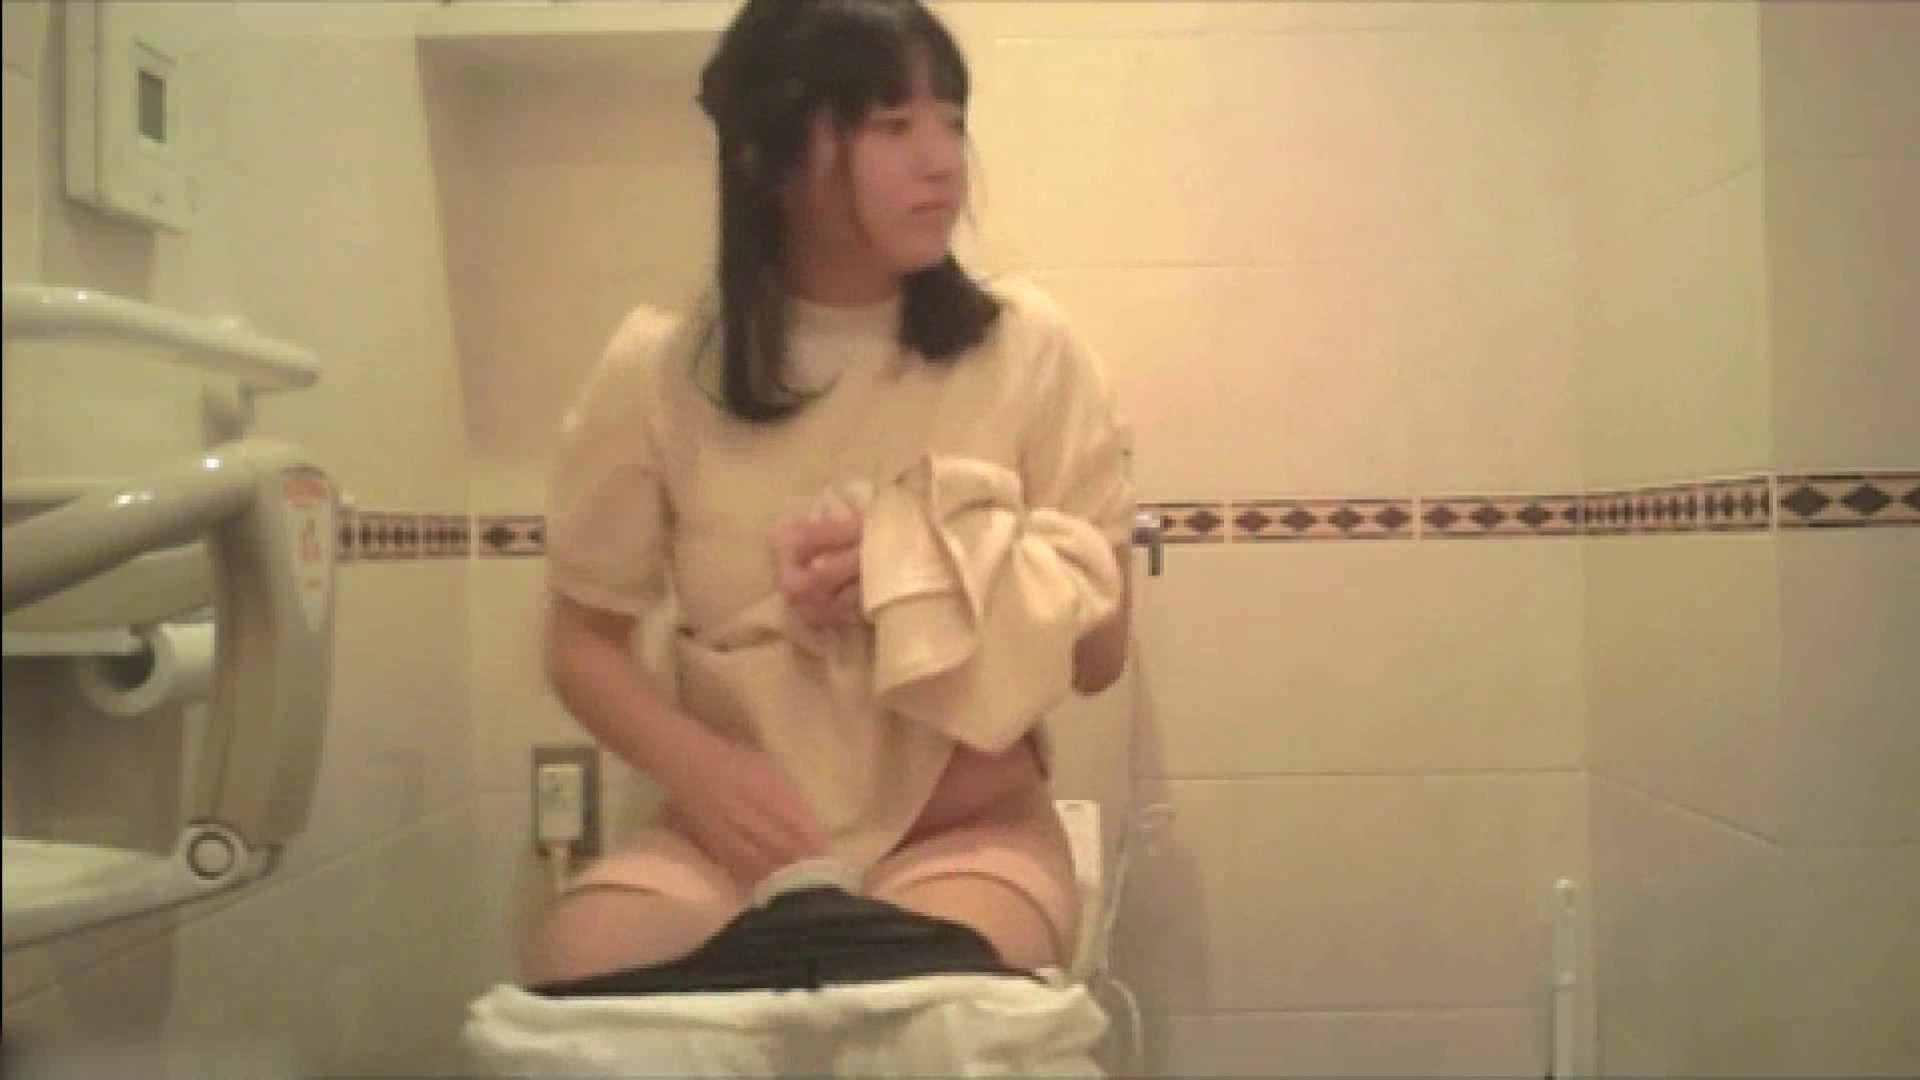 実録!!綺麗なお姉さんのトイレ事情・・・。vol.18 OLの実態 | お姉さん  70pic 4